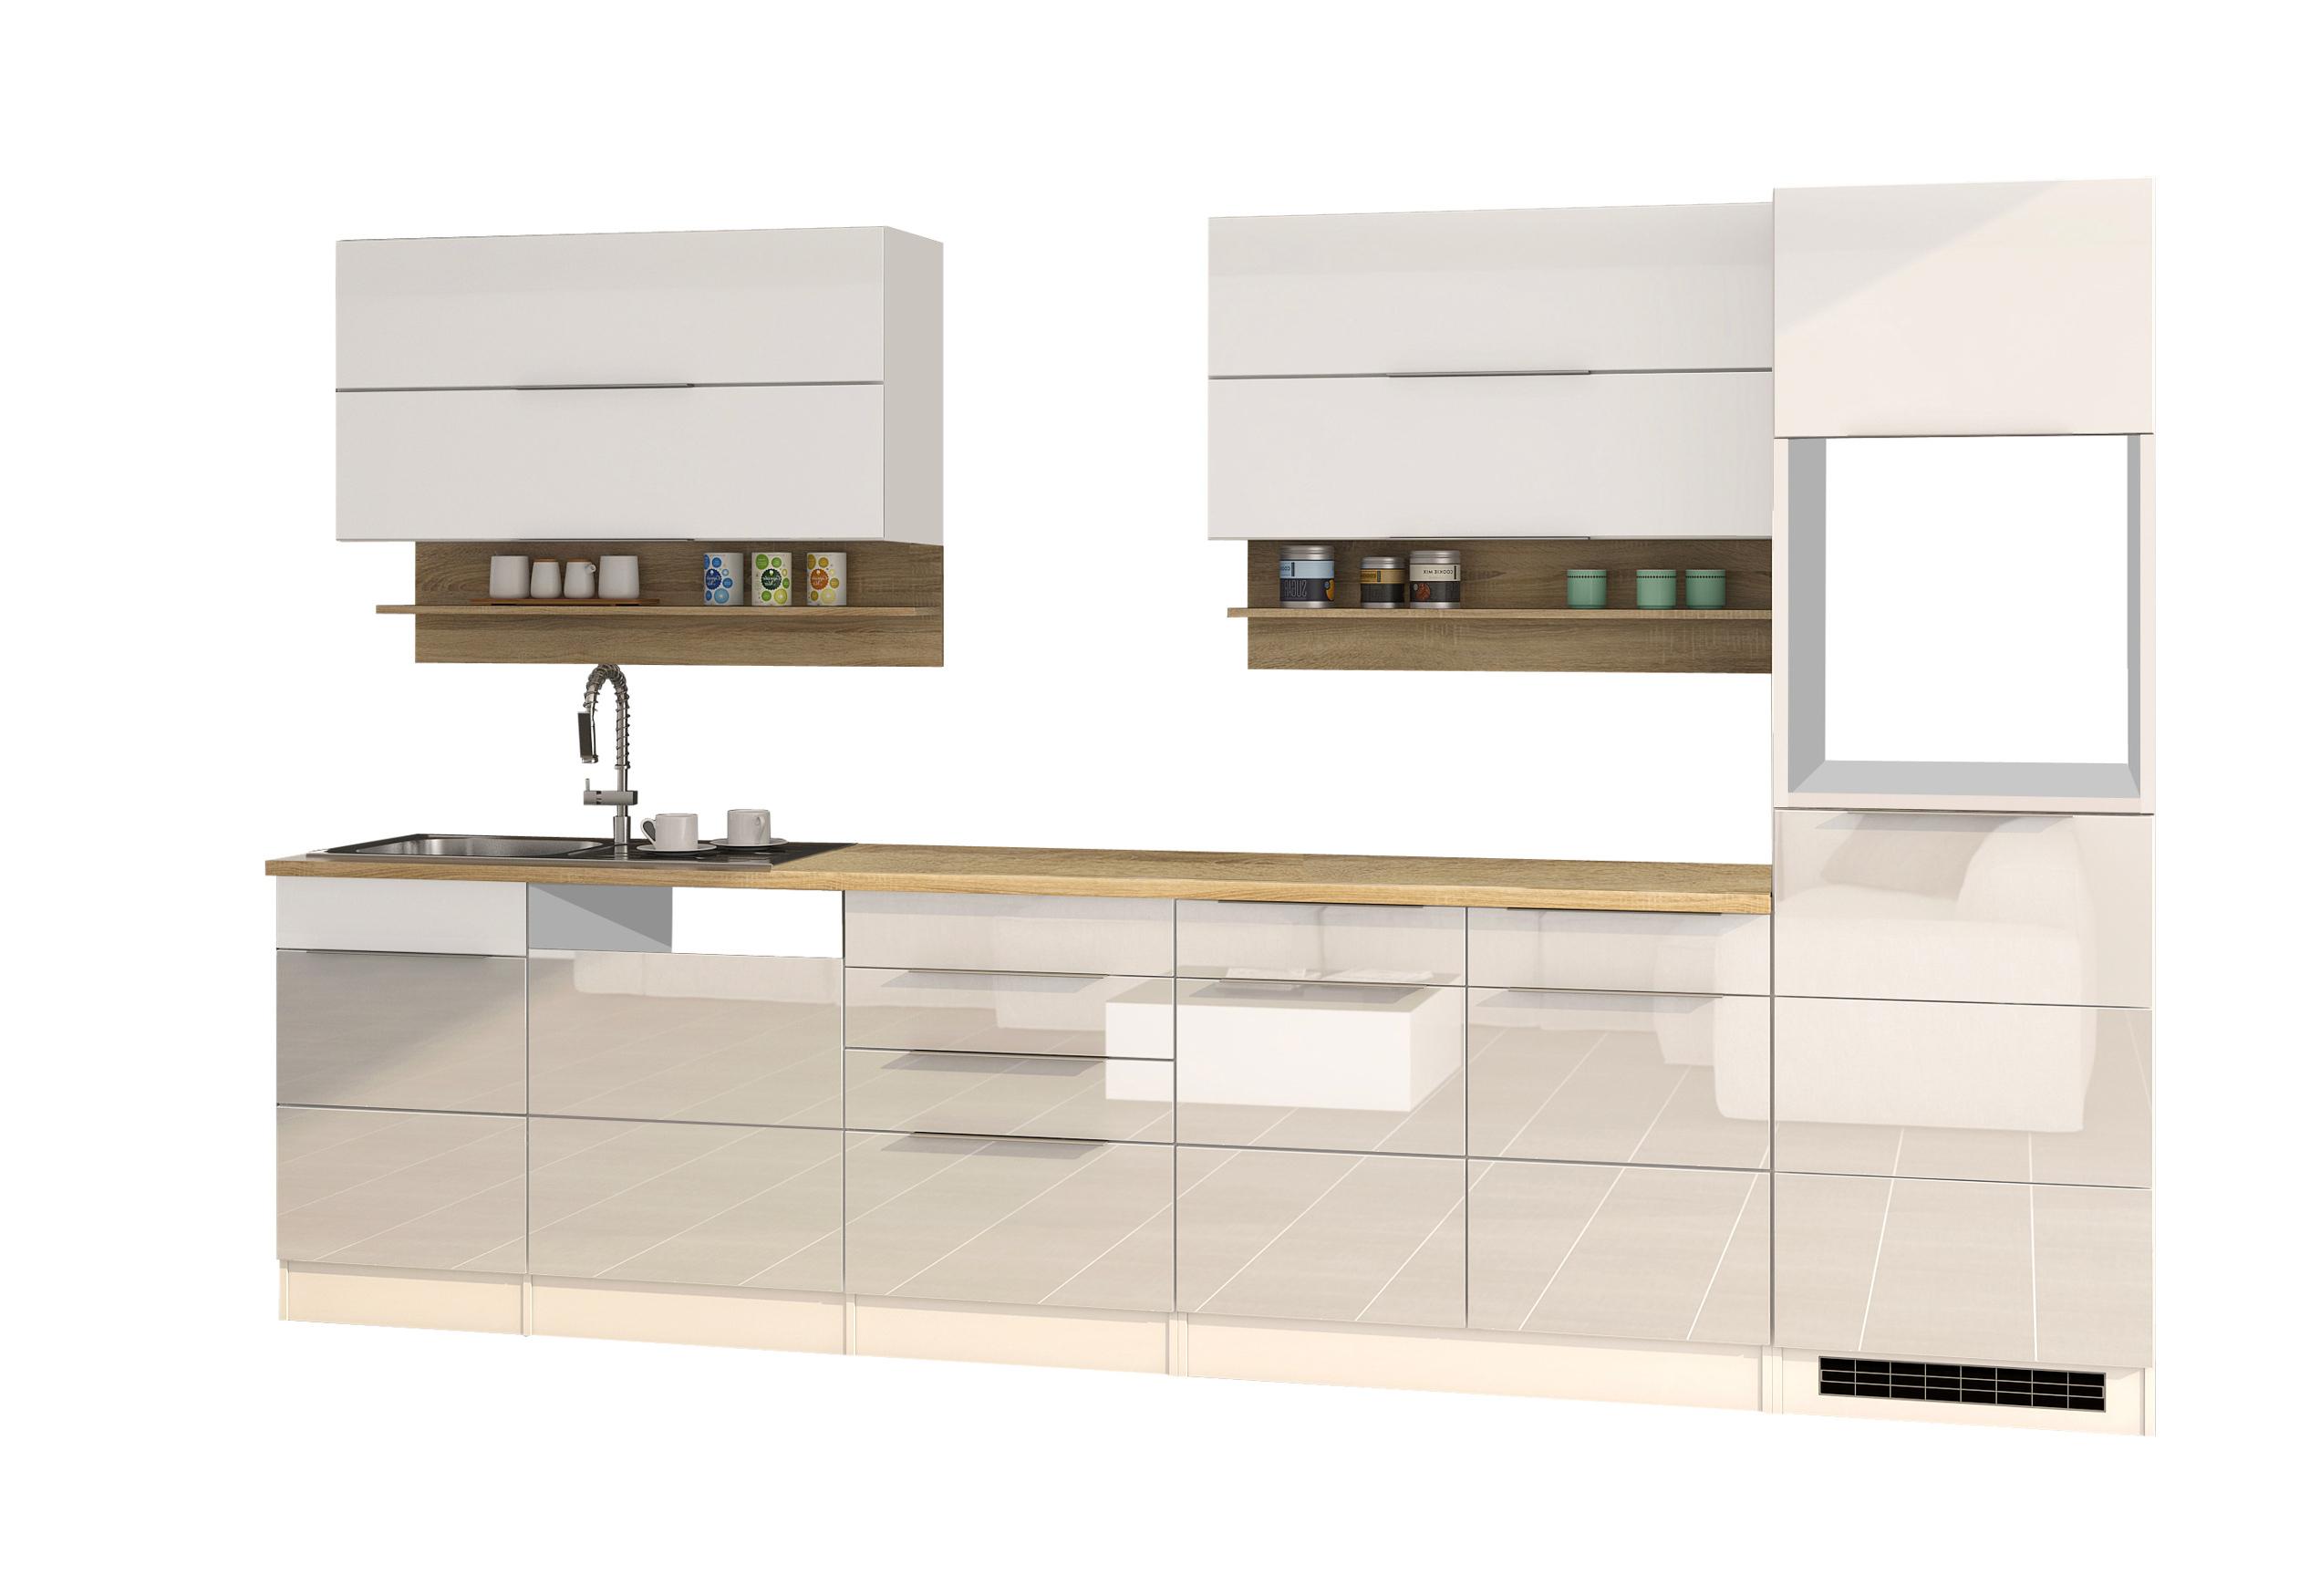 Full Size of Küche Mit E Geräten Und Geschirrspüler Küche Mit E Geräten Billig Einbauküche Ohne E Geräte Kaufen Einbauküche Mit E Geräten Günstig Küche Einbauküche Mit E Geräten